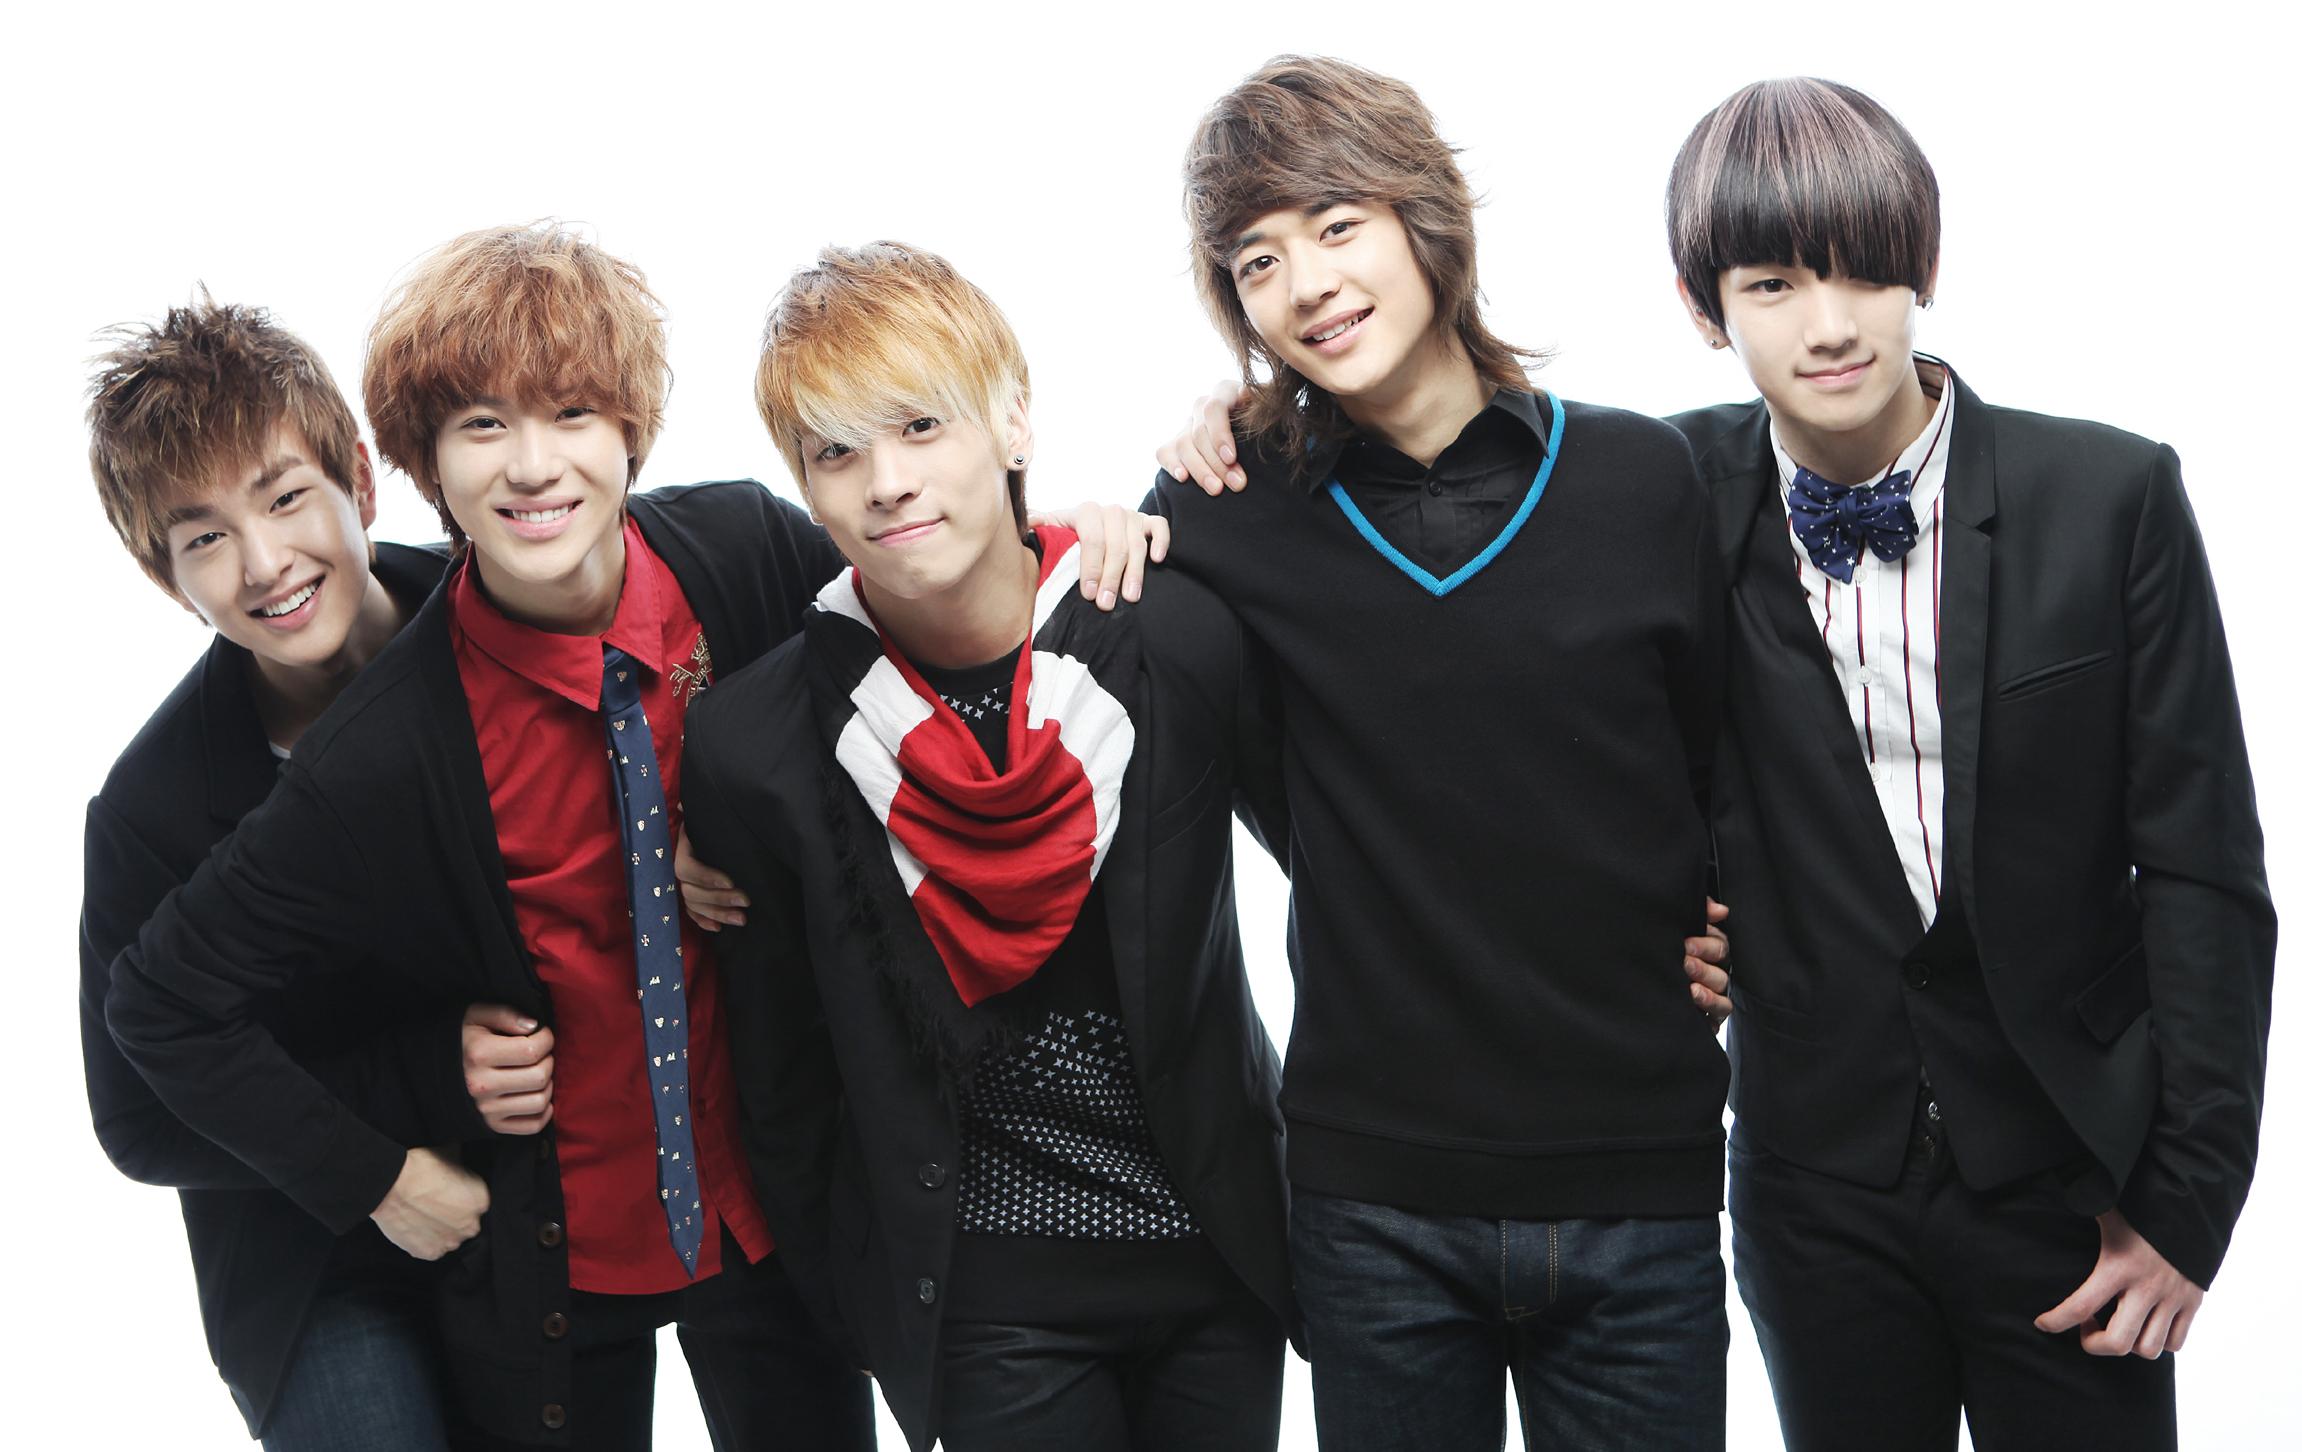 Key (Shinee), Wallpaper - Asiachan KPOP/JPOP Image Board